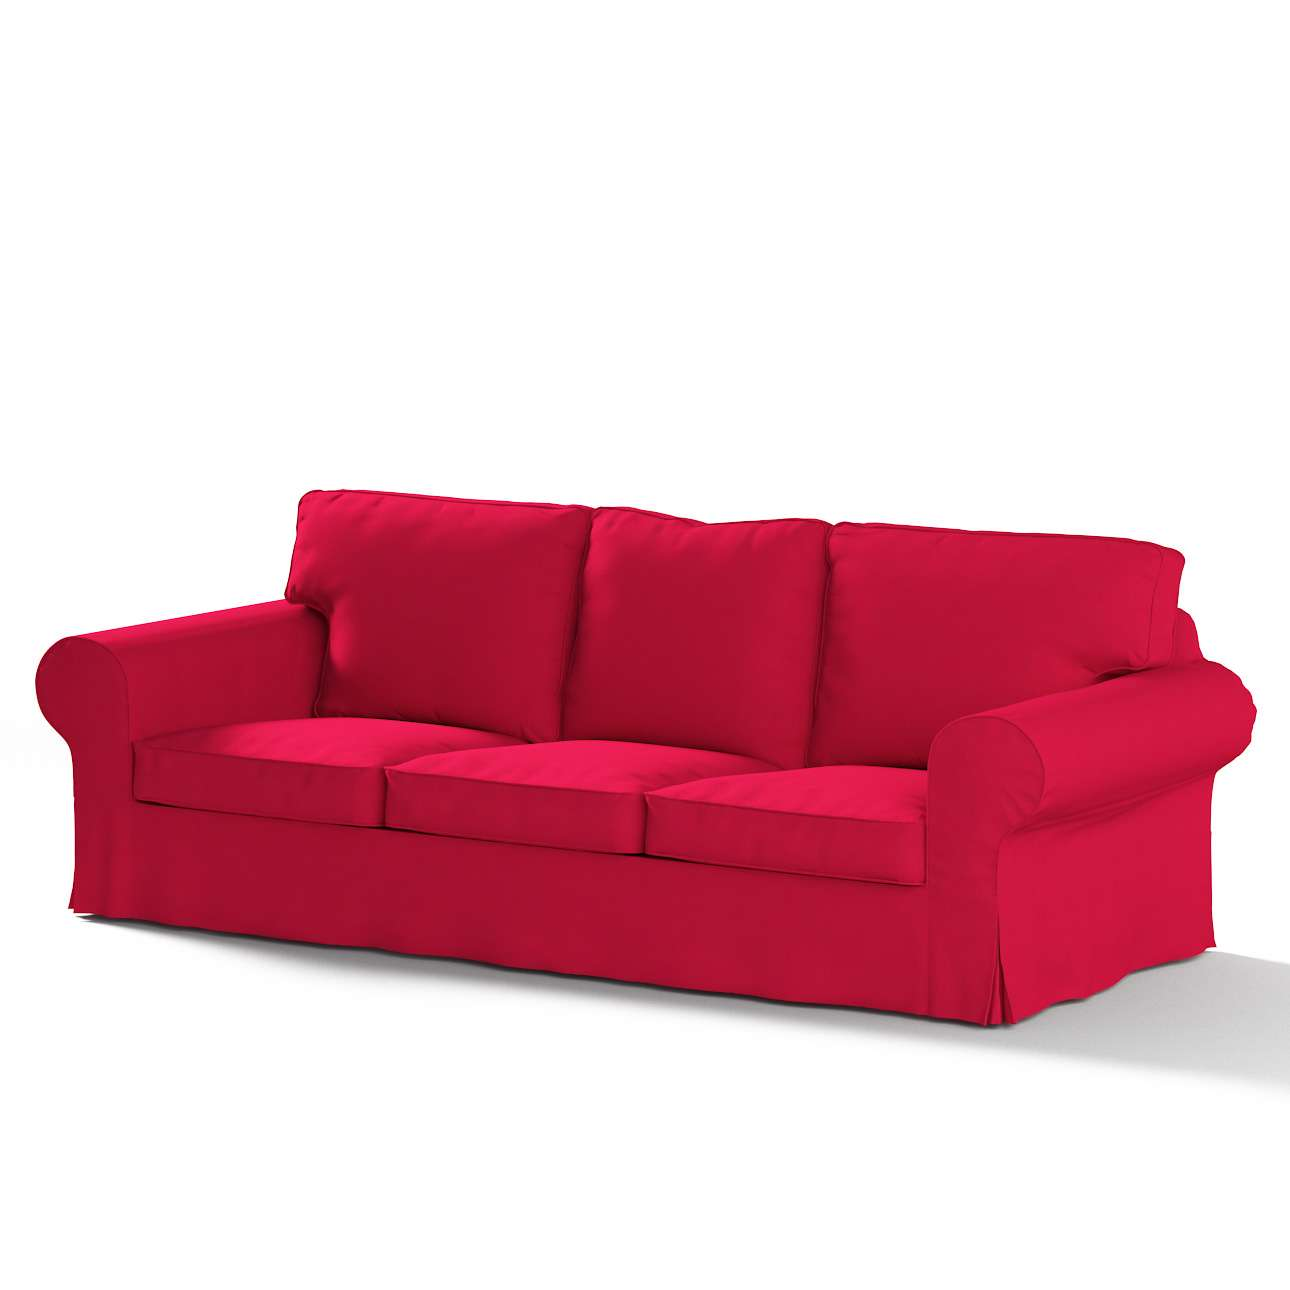 Pokrowiec na sofę Ektorp 3-osobową, rozkładaną STARY MODEL w kolekcji Etna , tkanina: 705-60